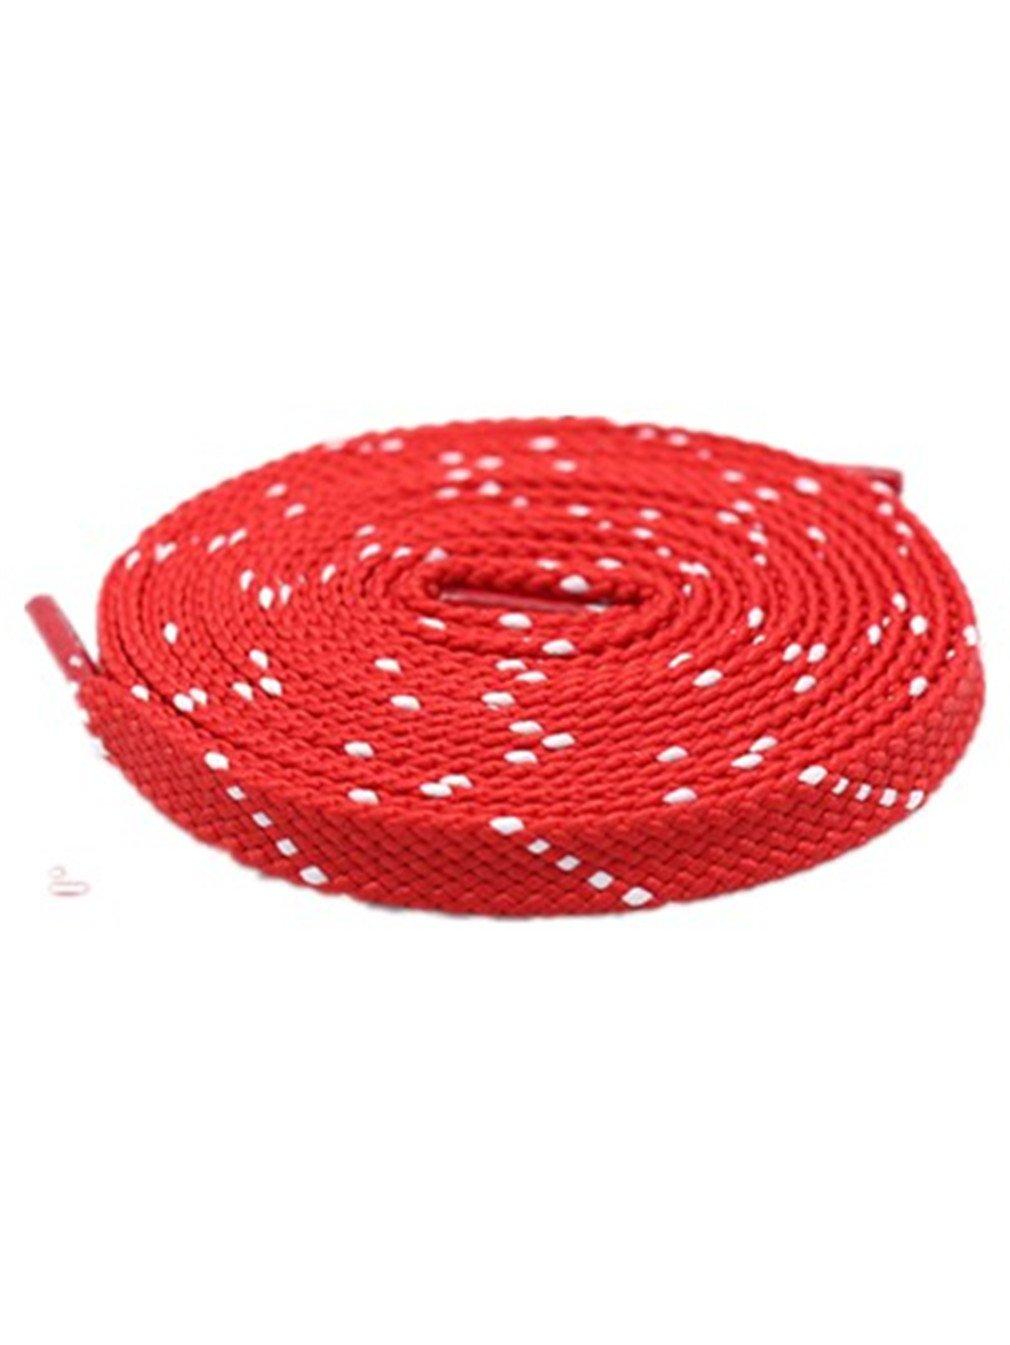 Antidérapants Boowhol 1 Paire de Lacets Plats Lacets de Chaussure de Sports Baskets Unisexe pour Enfants Adultes Enfants